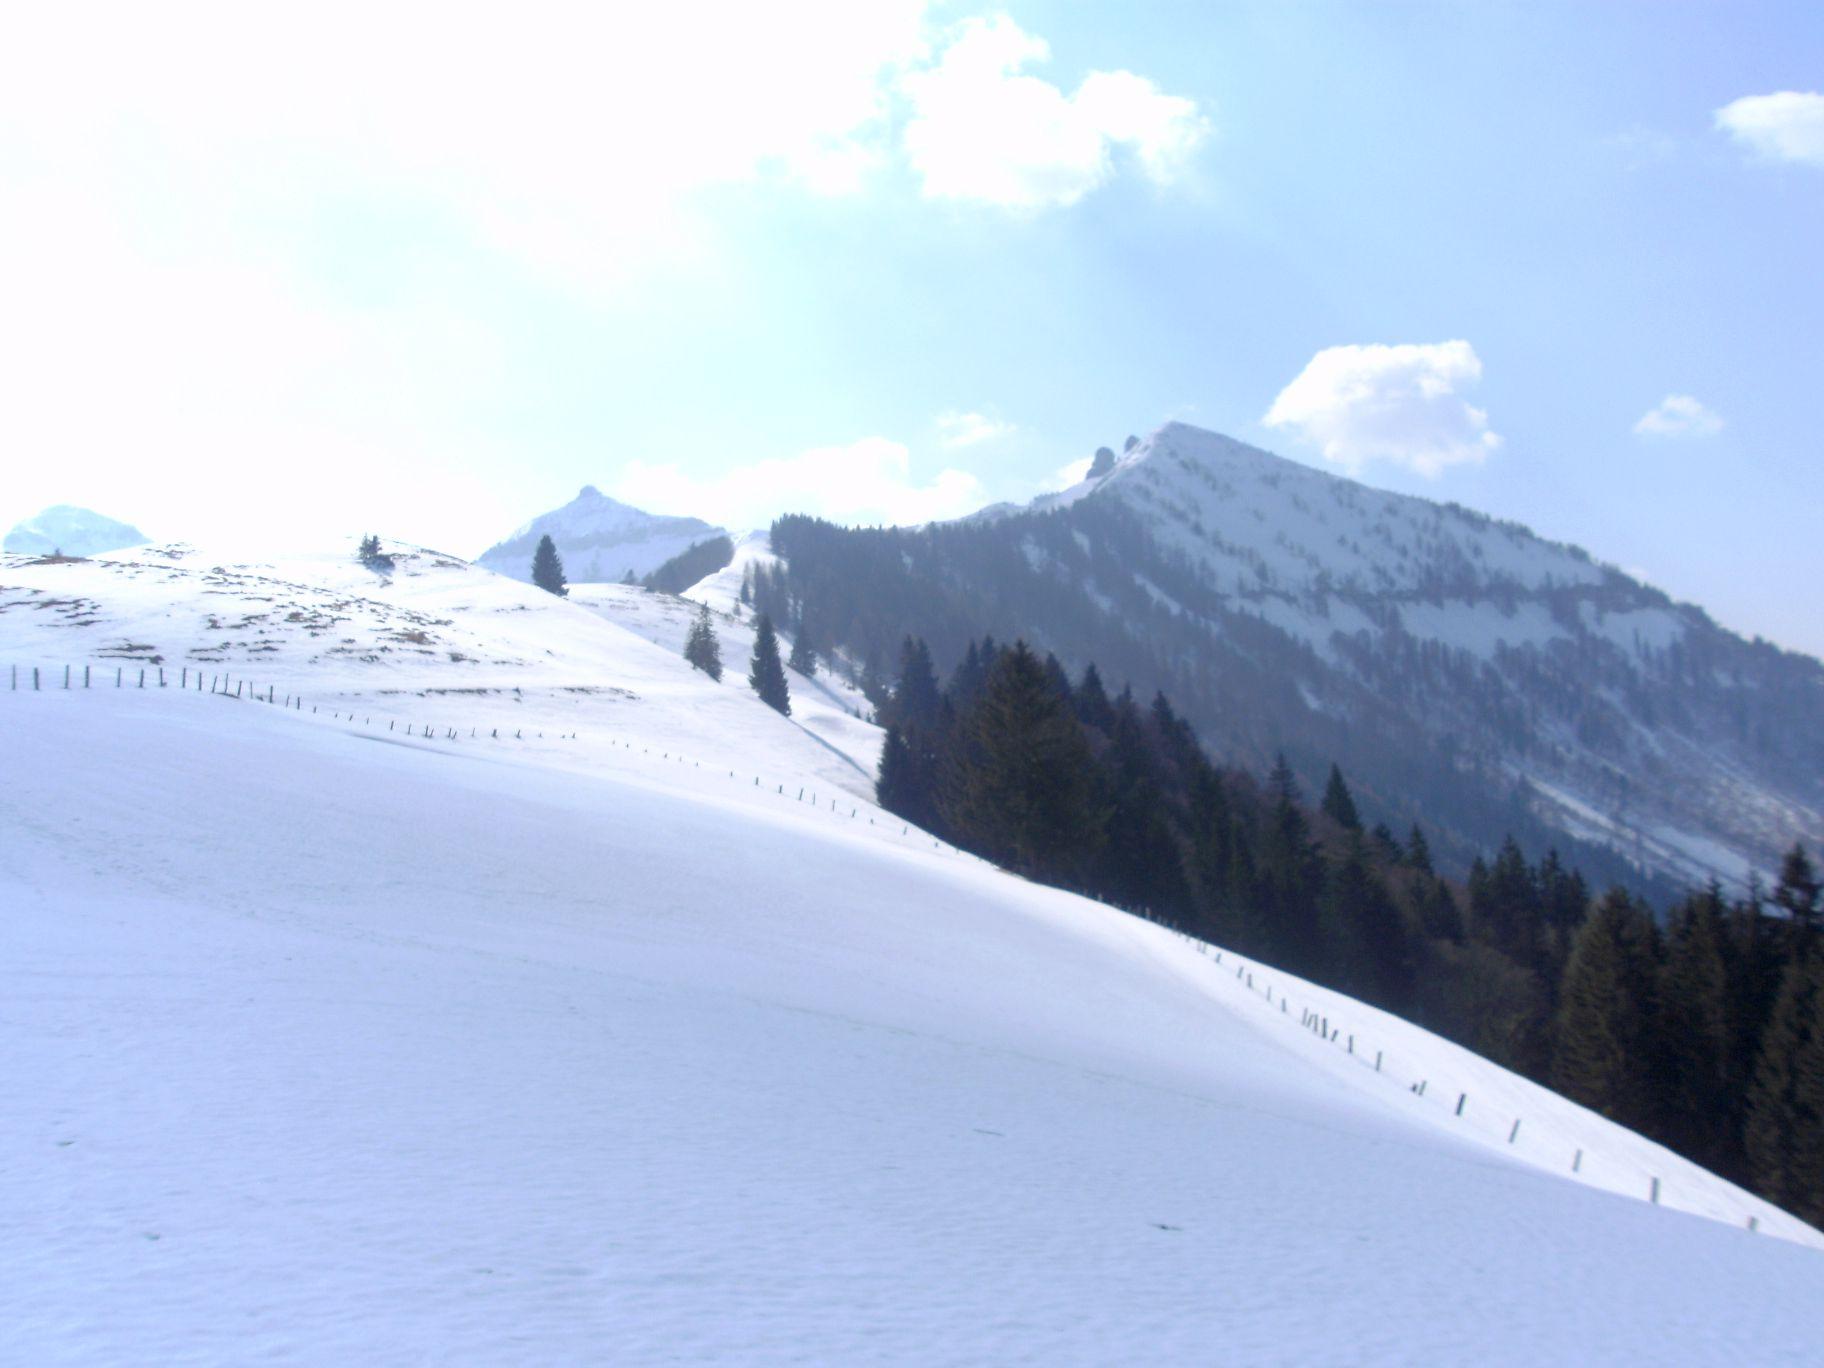 Foto: daberti / Ski Tour / Regenspitz, 1675m - über Feichtensteinalm / Blick von der Feichtensteinalm auf den Regenspitz / 20.03.2015 08:57:25